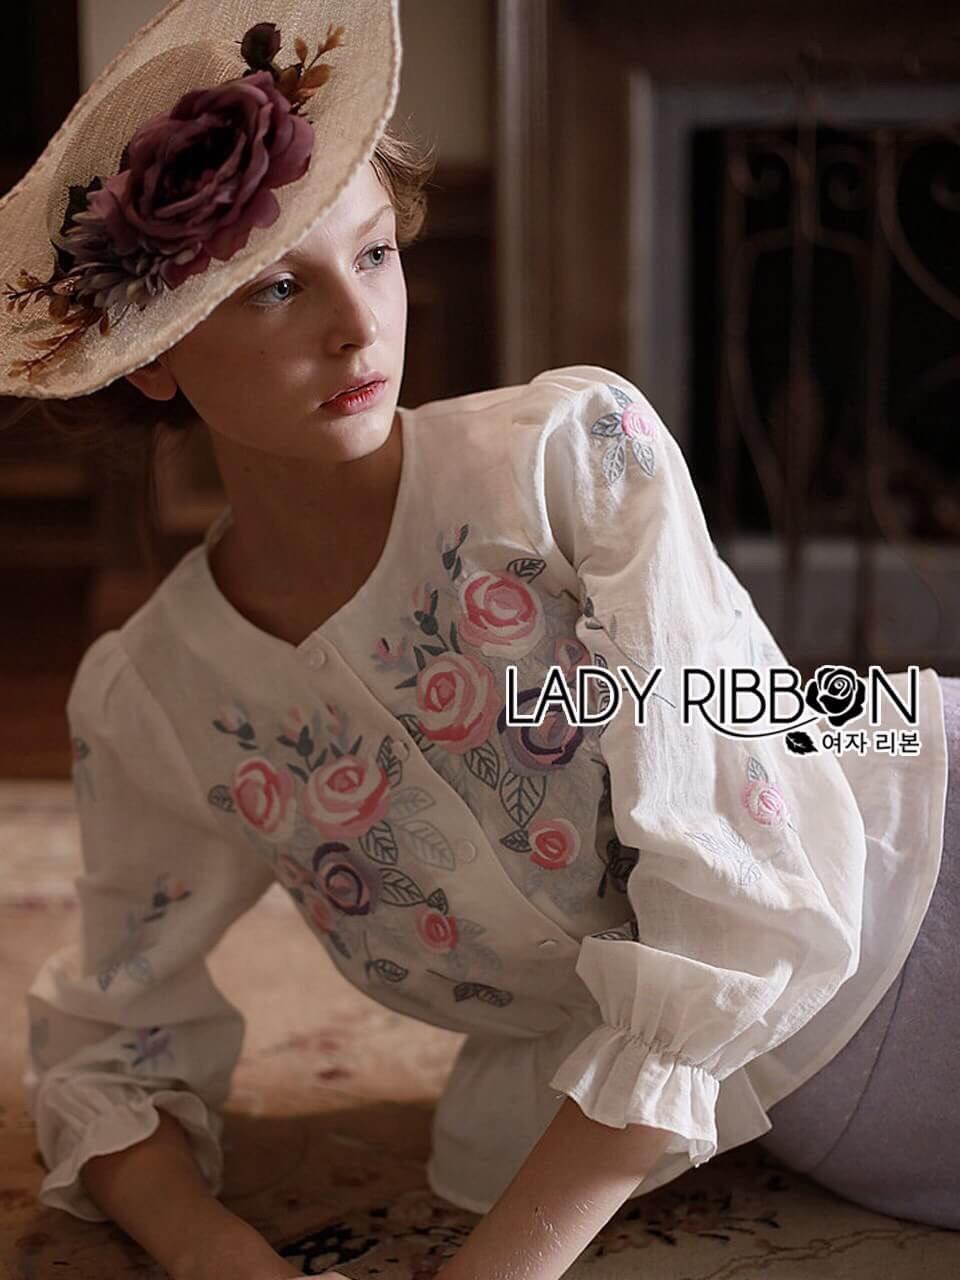 เสื้อผ้าเกาหลี พร้อมส่งเสื้อผ้าคอตตอนปักลายดอกกุหลาบสไตล์วินเทจ